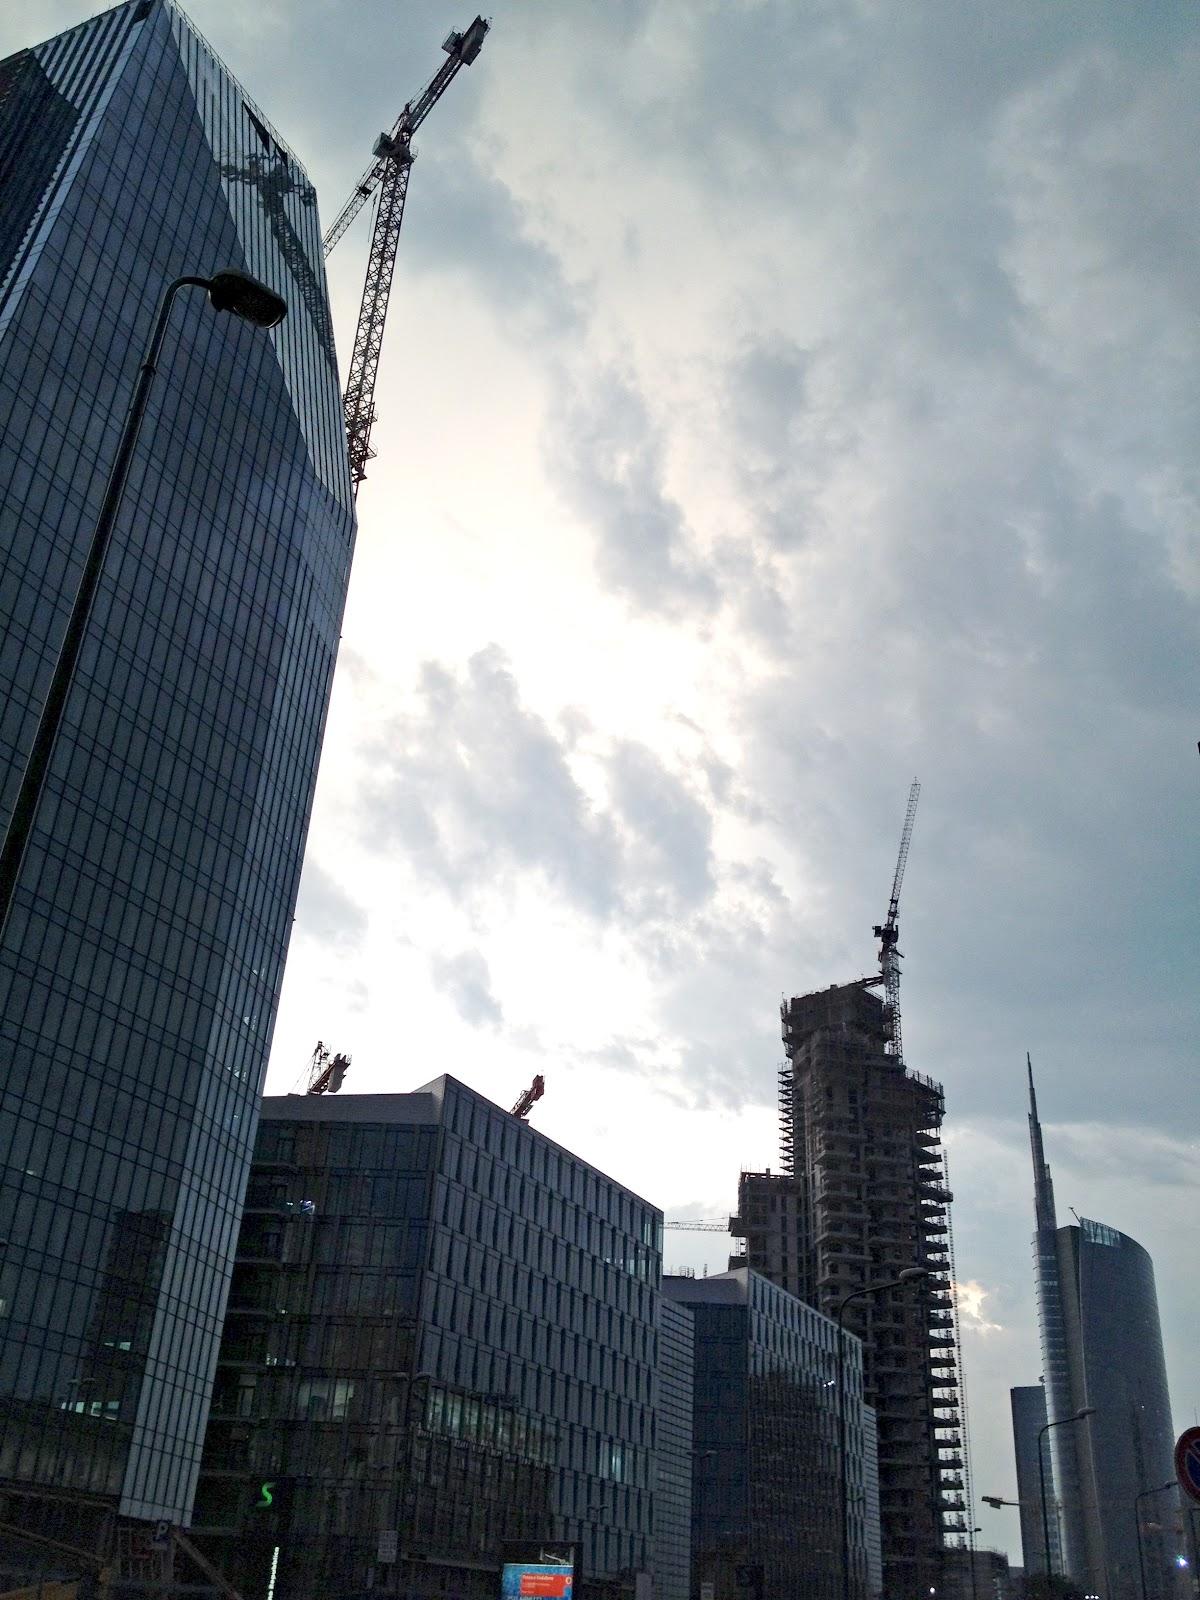 Milano Spunti e Appunti: luglio 2012